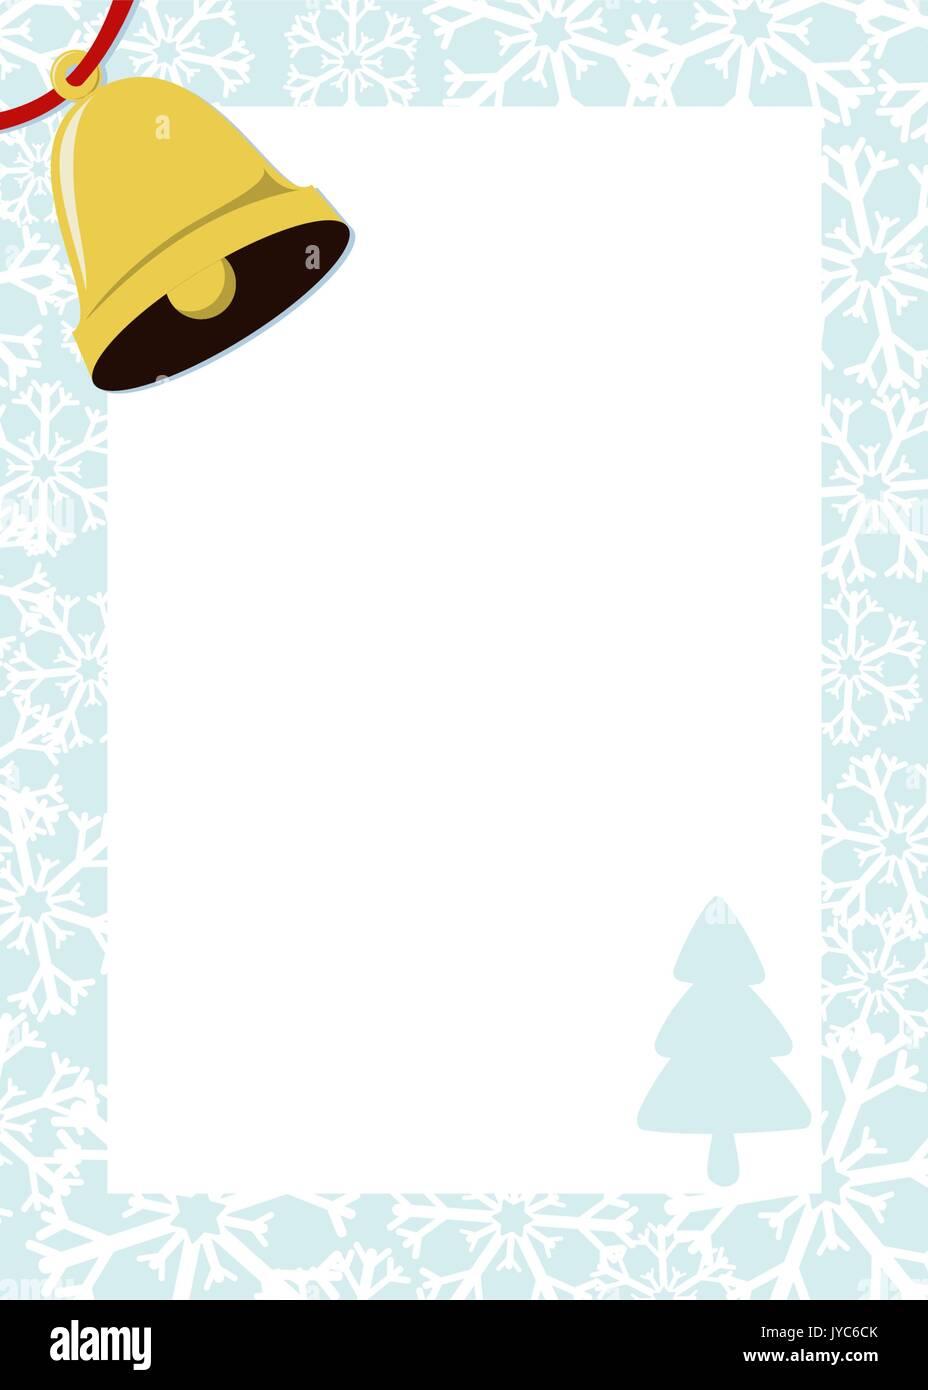 Modele De Lettre Pour Pere Noel.Cadre De Noel Avec Golden Bell Et Fond Blanc Pour Votre